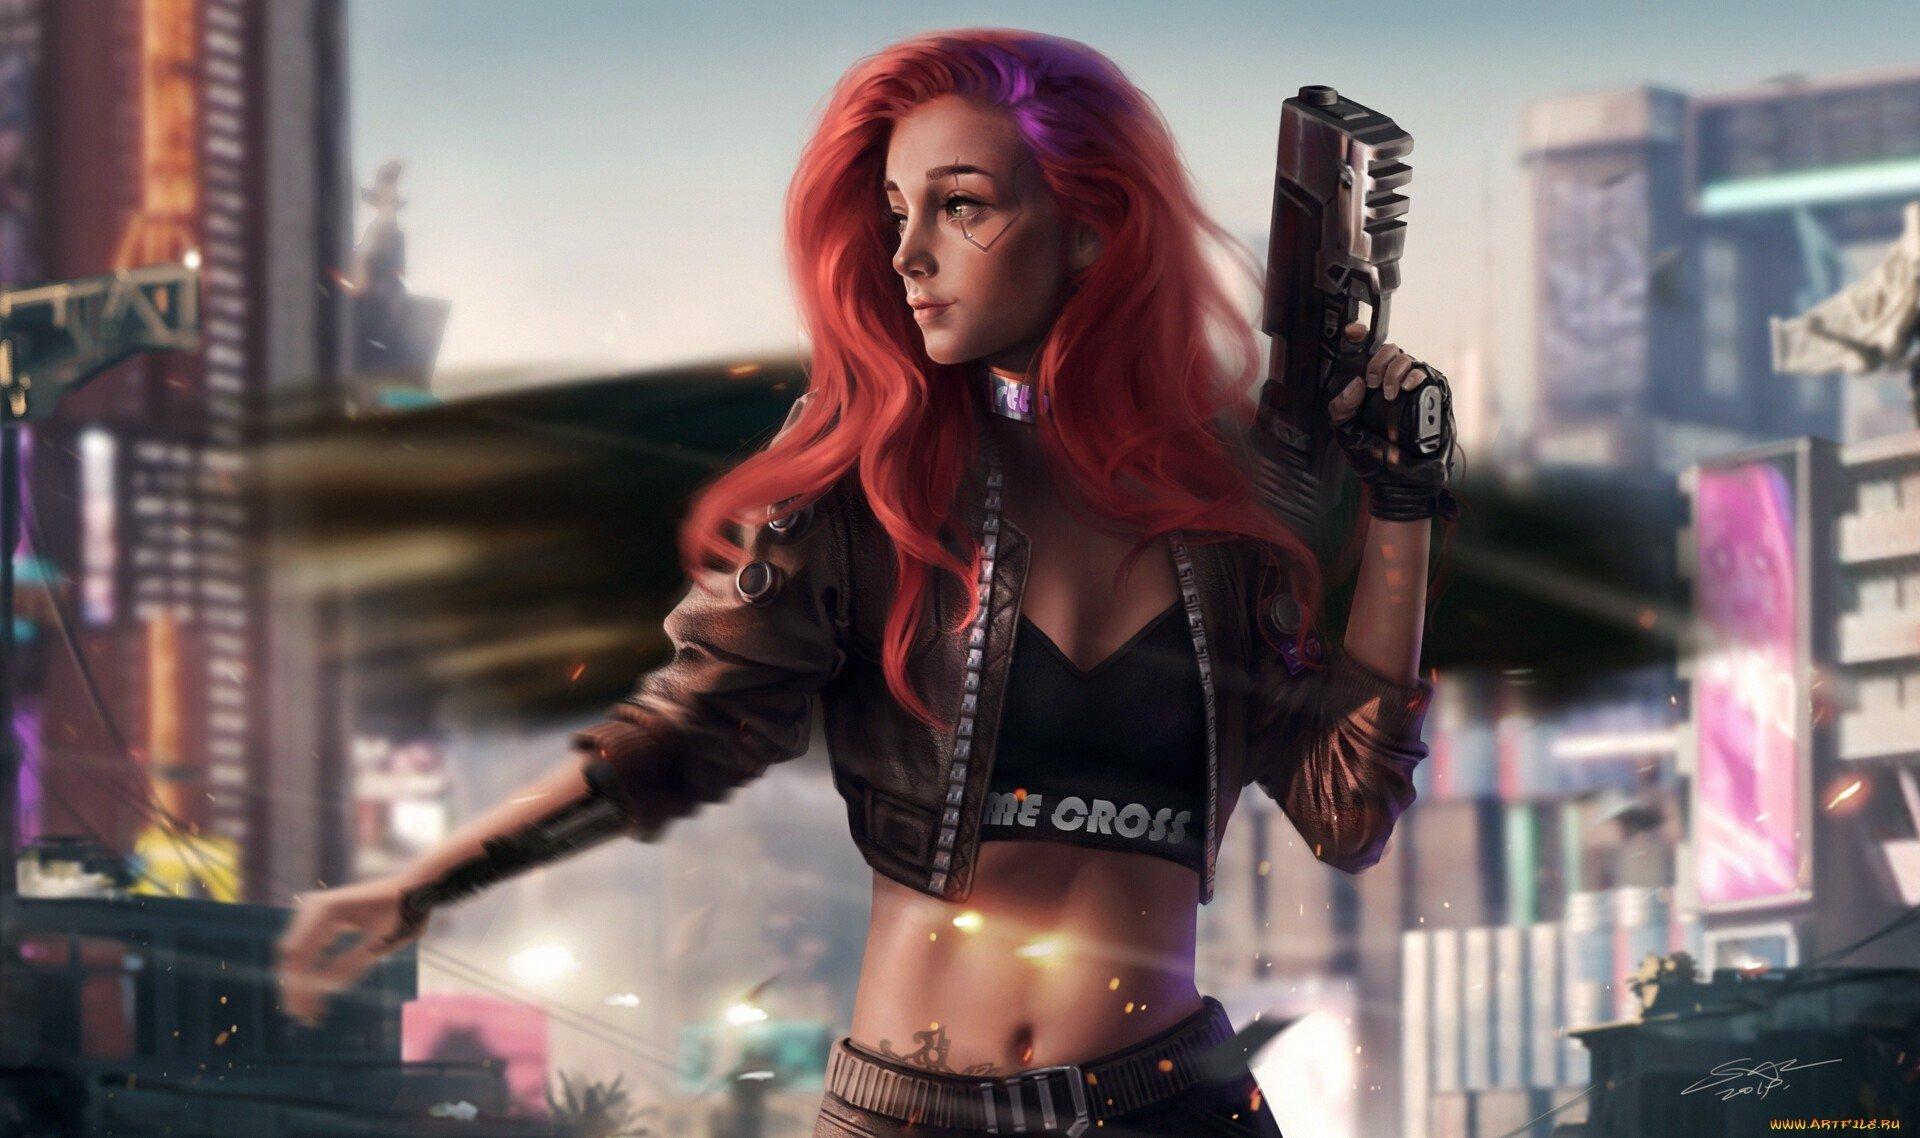 Мемы баги и споры об озвучке реакция соцсетей на Cyberpunk 2077